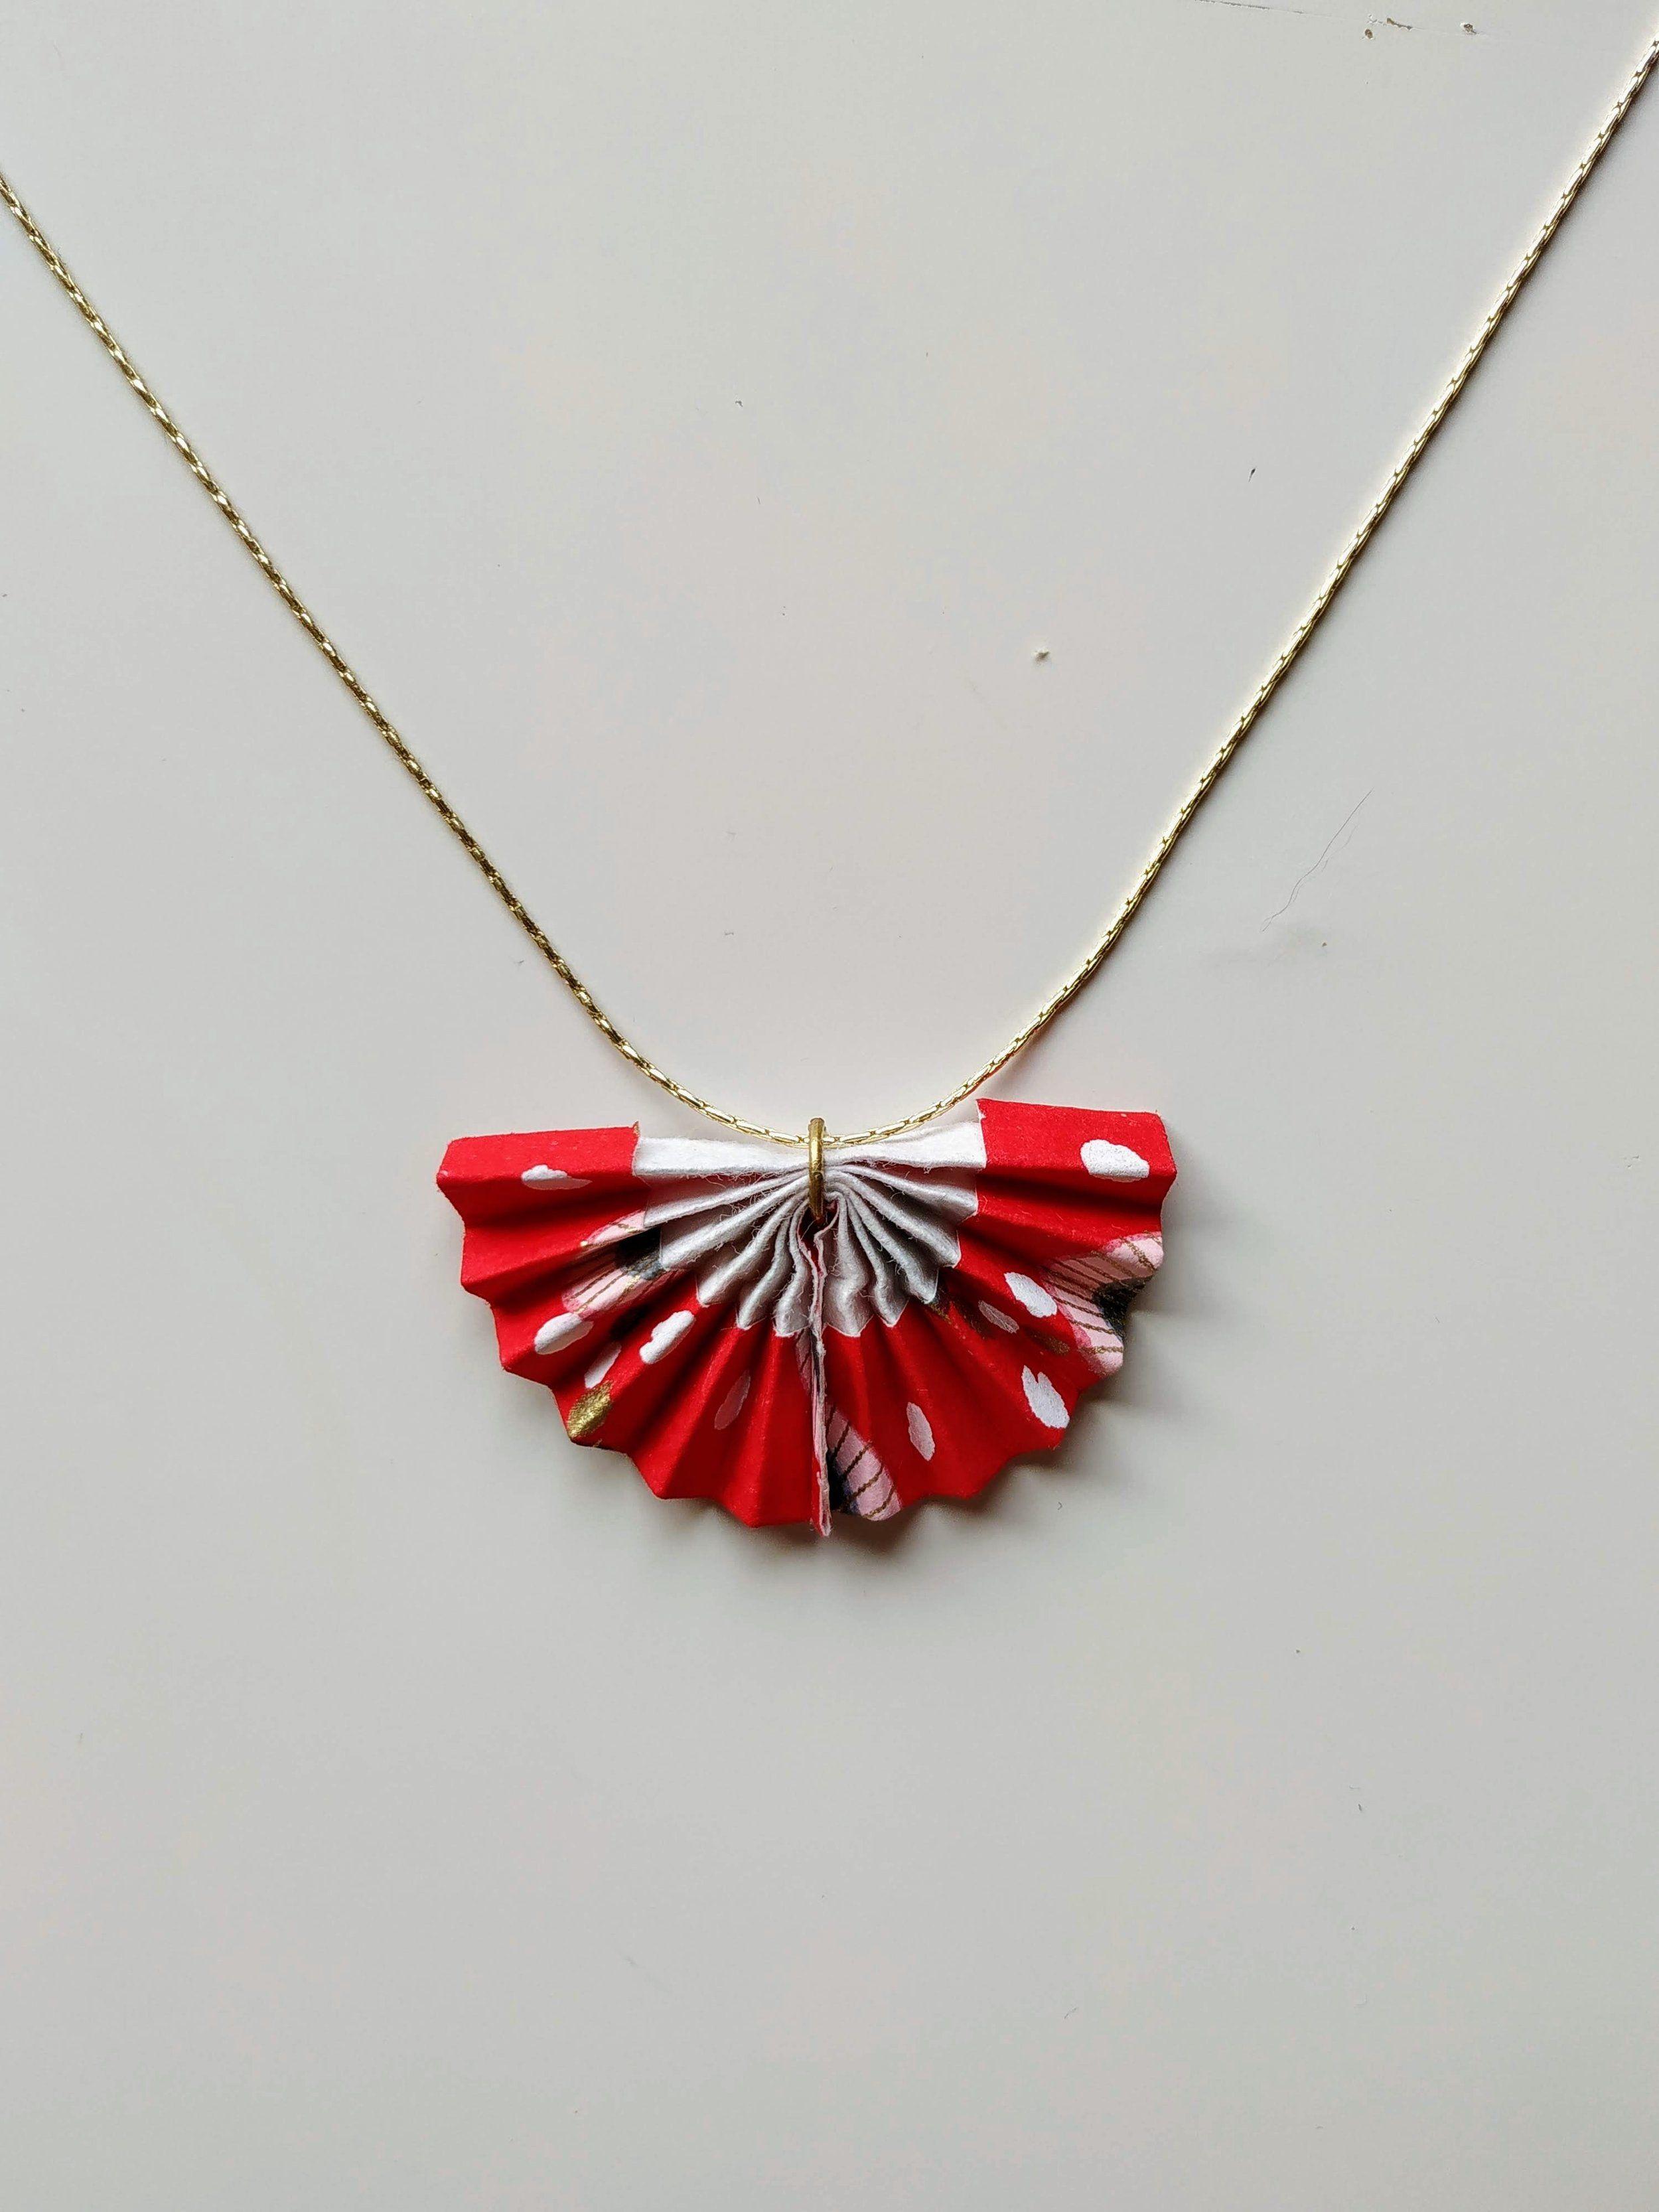 Sautoir éventail rouge, sautoir en papier japonais, bijou en origami rouge